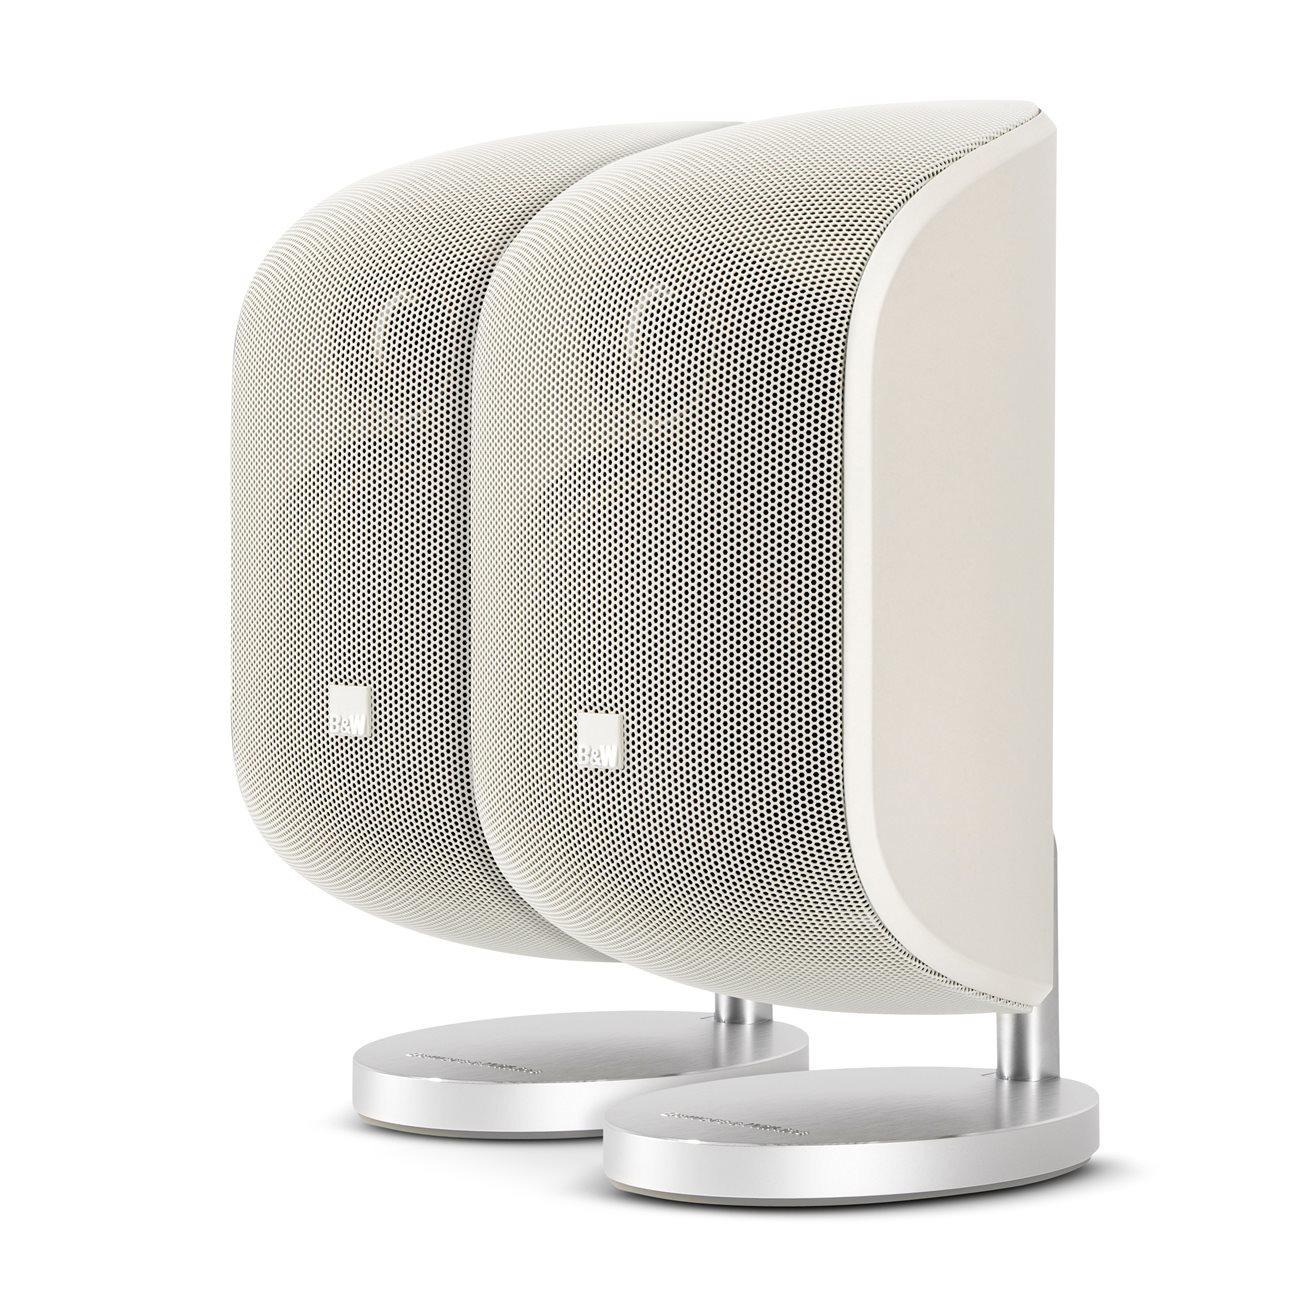 Bowers & Wilkins boekenplank speaker M-1 wit